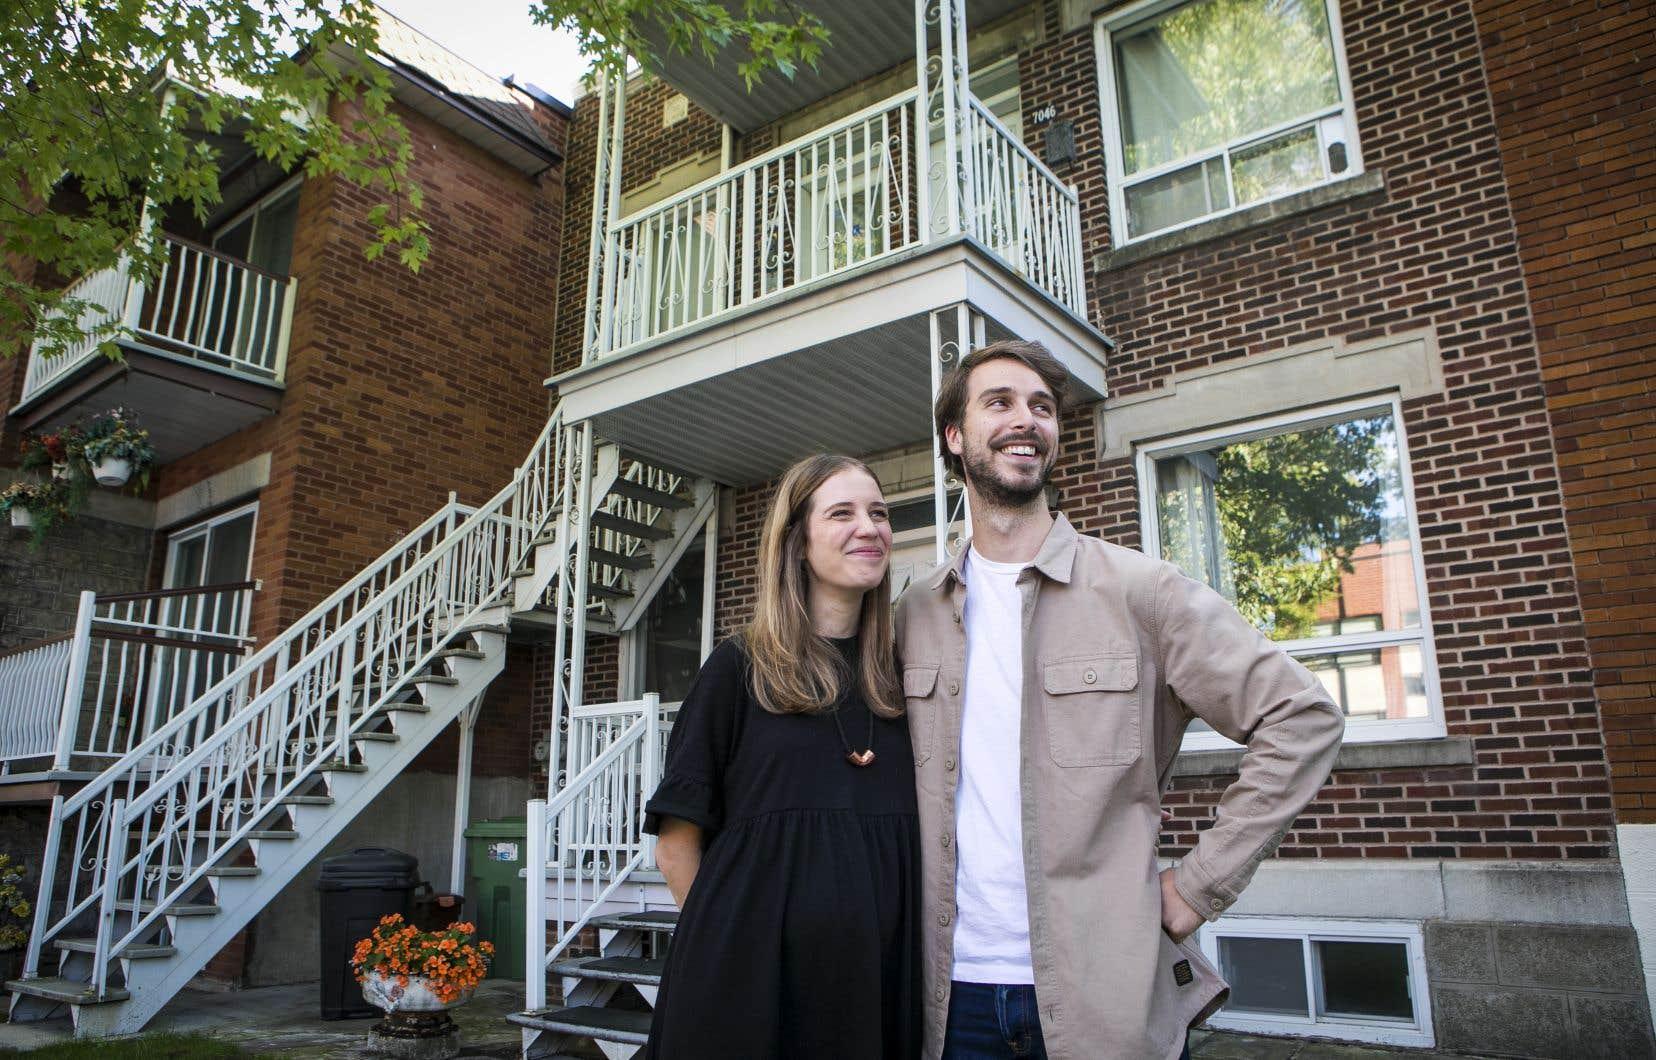 Maxim Garant Rousseau est devenu pour la première fois propriétaire le mois dernier. Avec sa conjointe Gabrielle Lafontaine, ils ont décidé de quitter l'appartement qu'ils louaient dans le Plateau Mont-Royal, qui leur a semblé mal adapté à leurs besoins pendant le confinement, pour acheter un triplex dans le quartier Villeray.